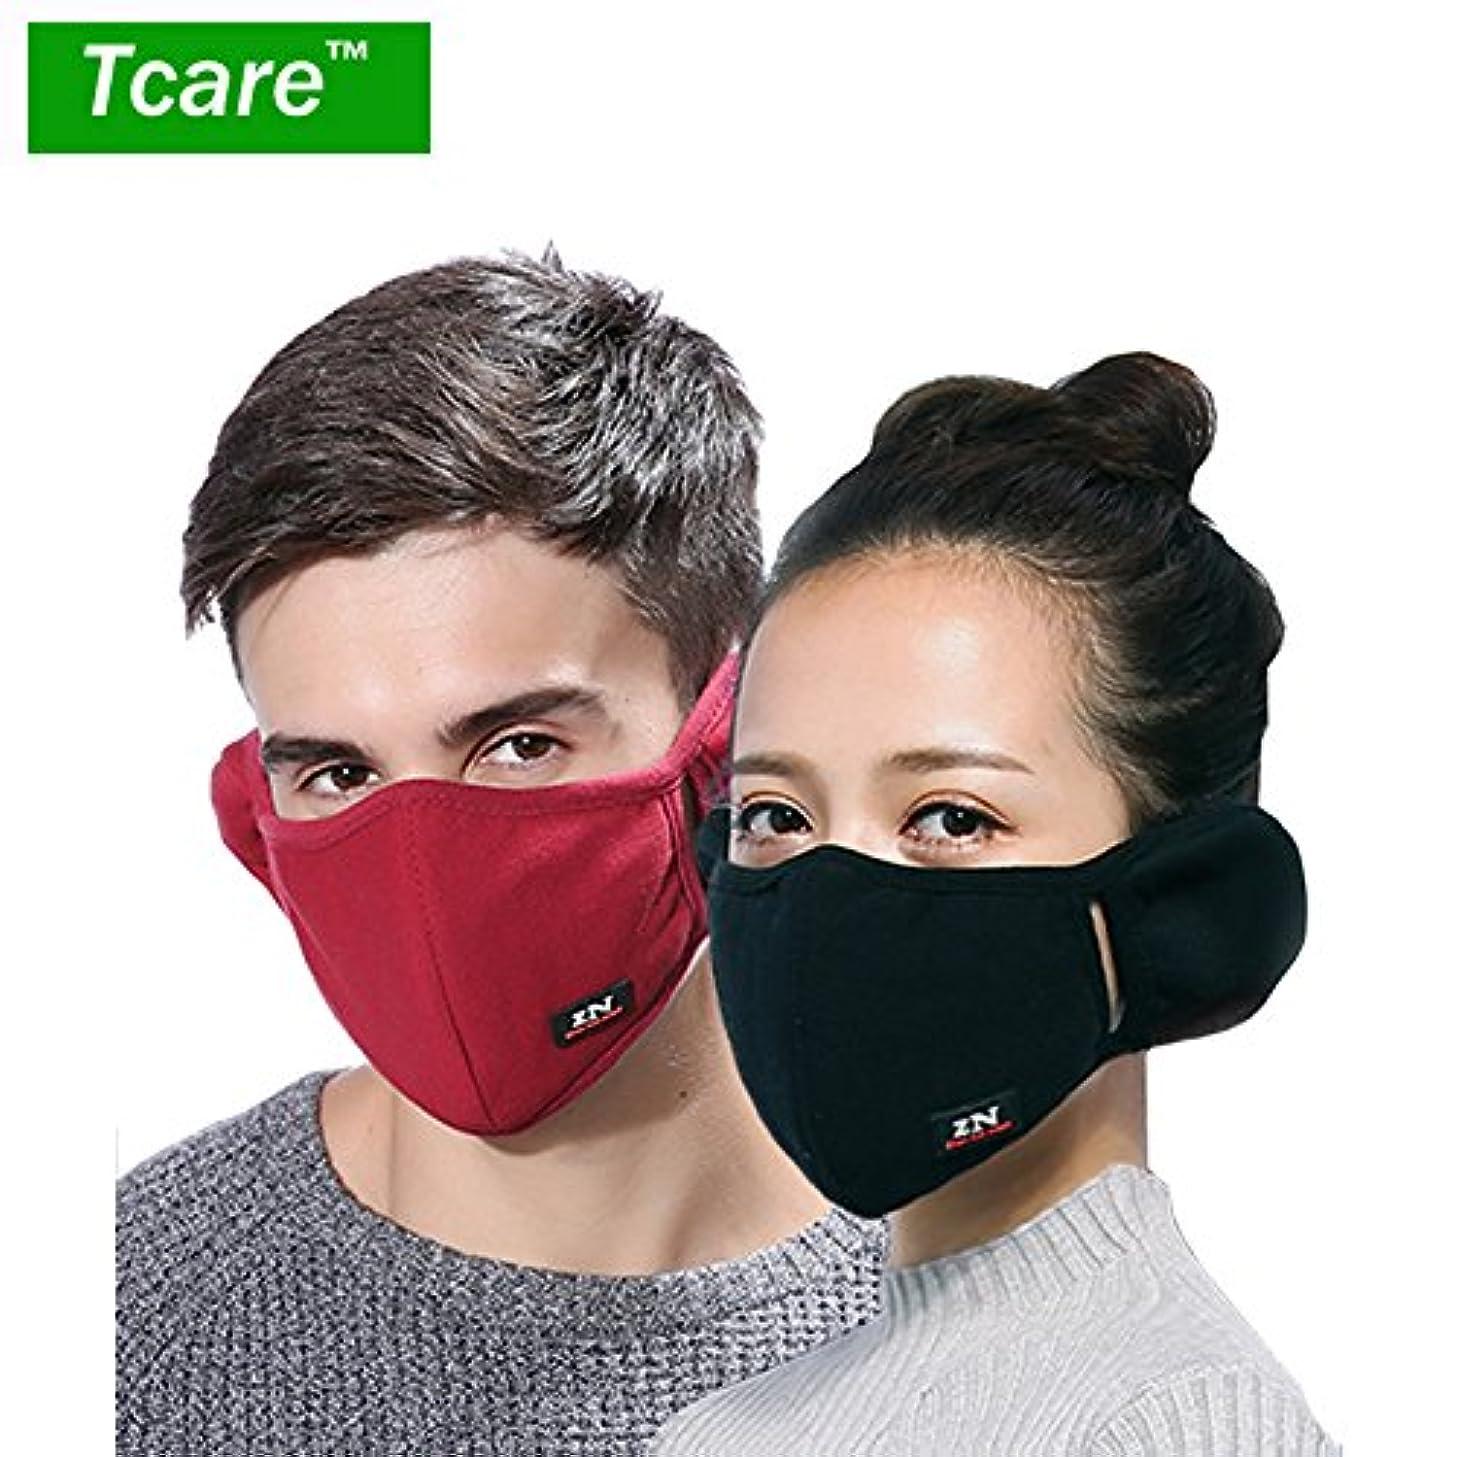 豆腐降臨狂人男性女性の少年少女のためのTcare呼吸器2レイヤピュアコットン保護フィルター挿入口:8 waternレッド